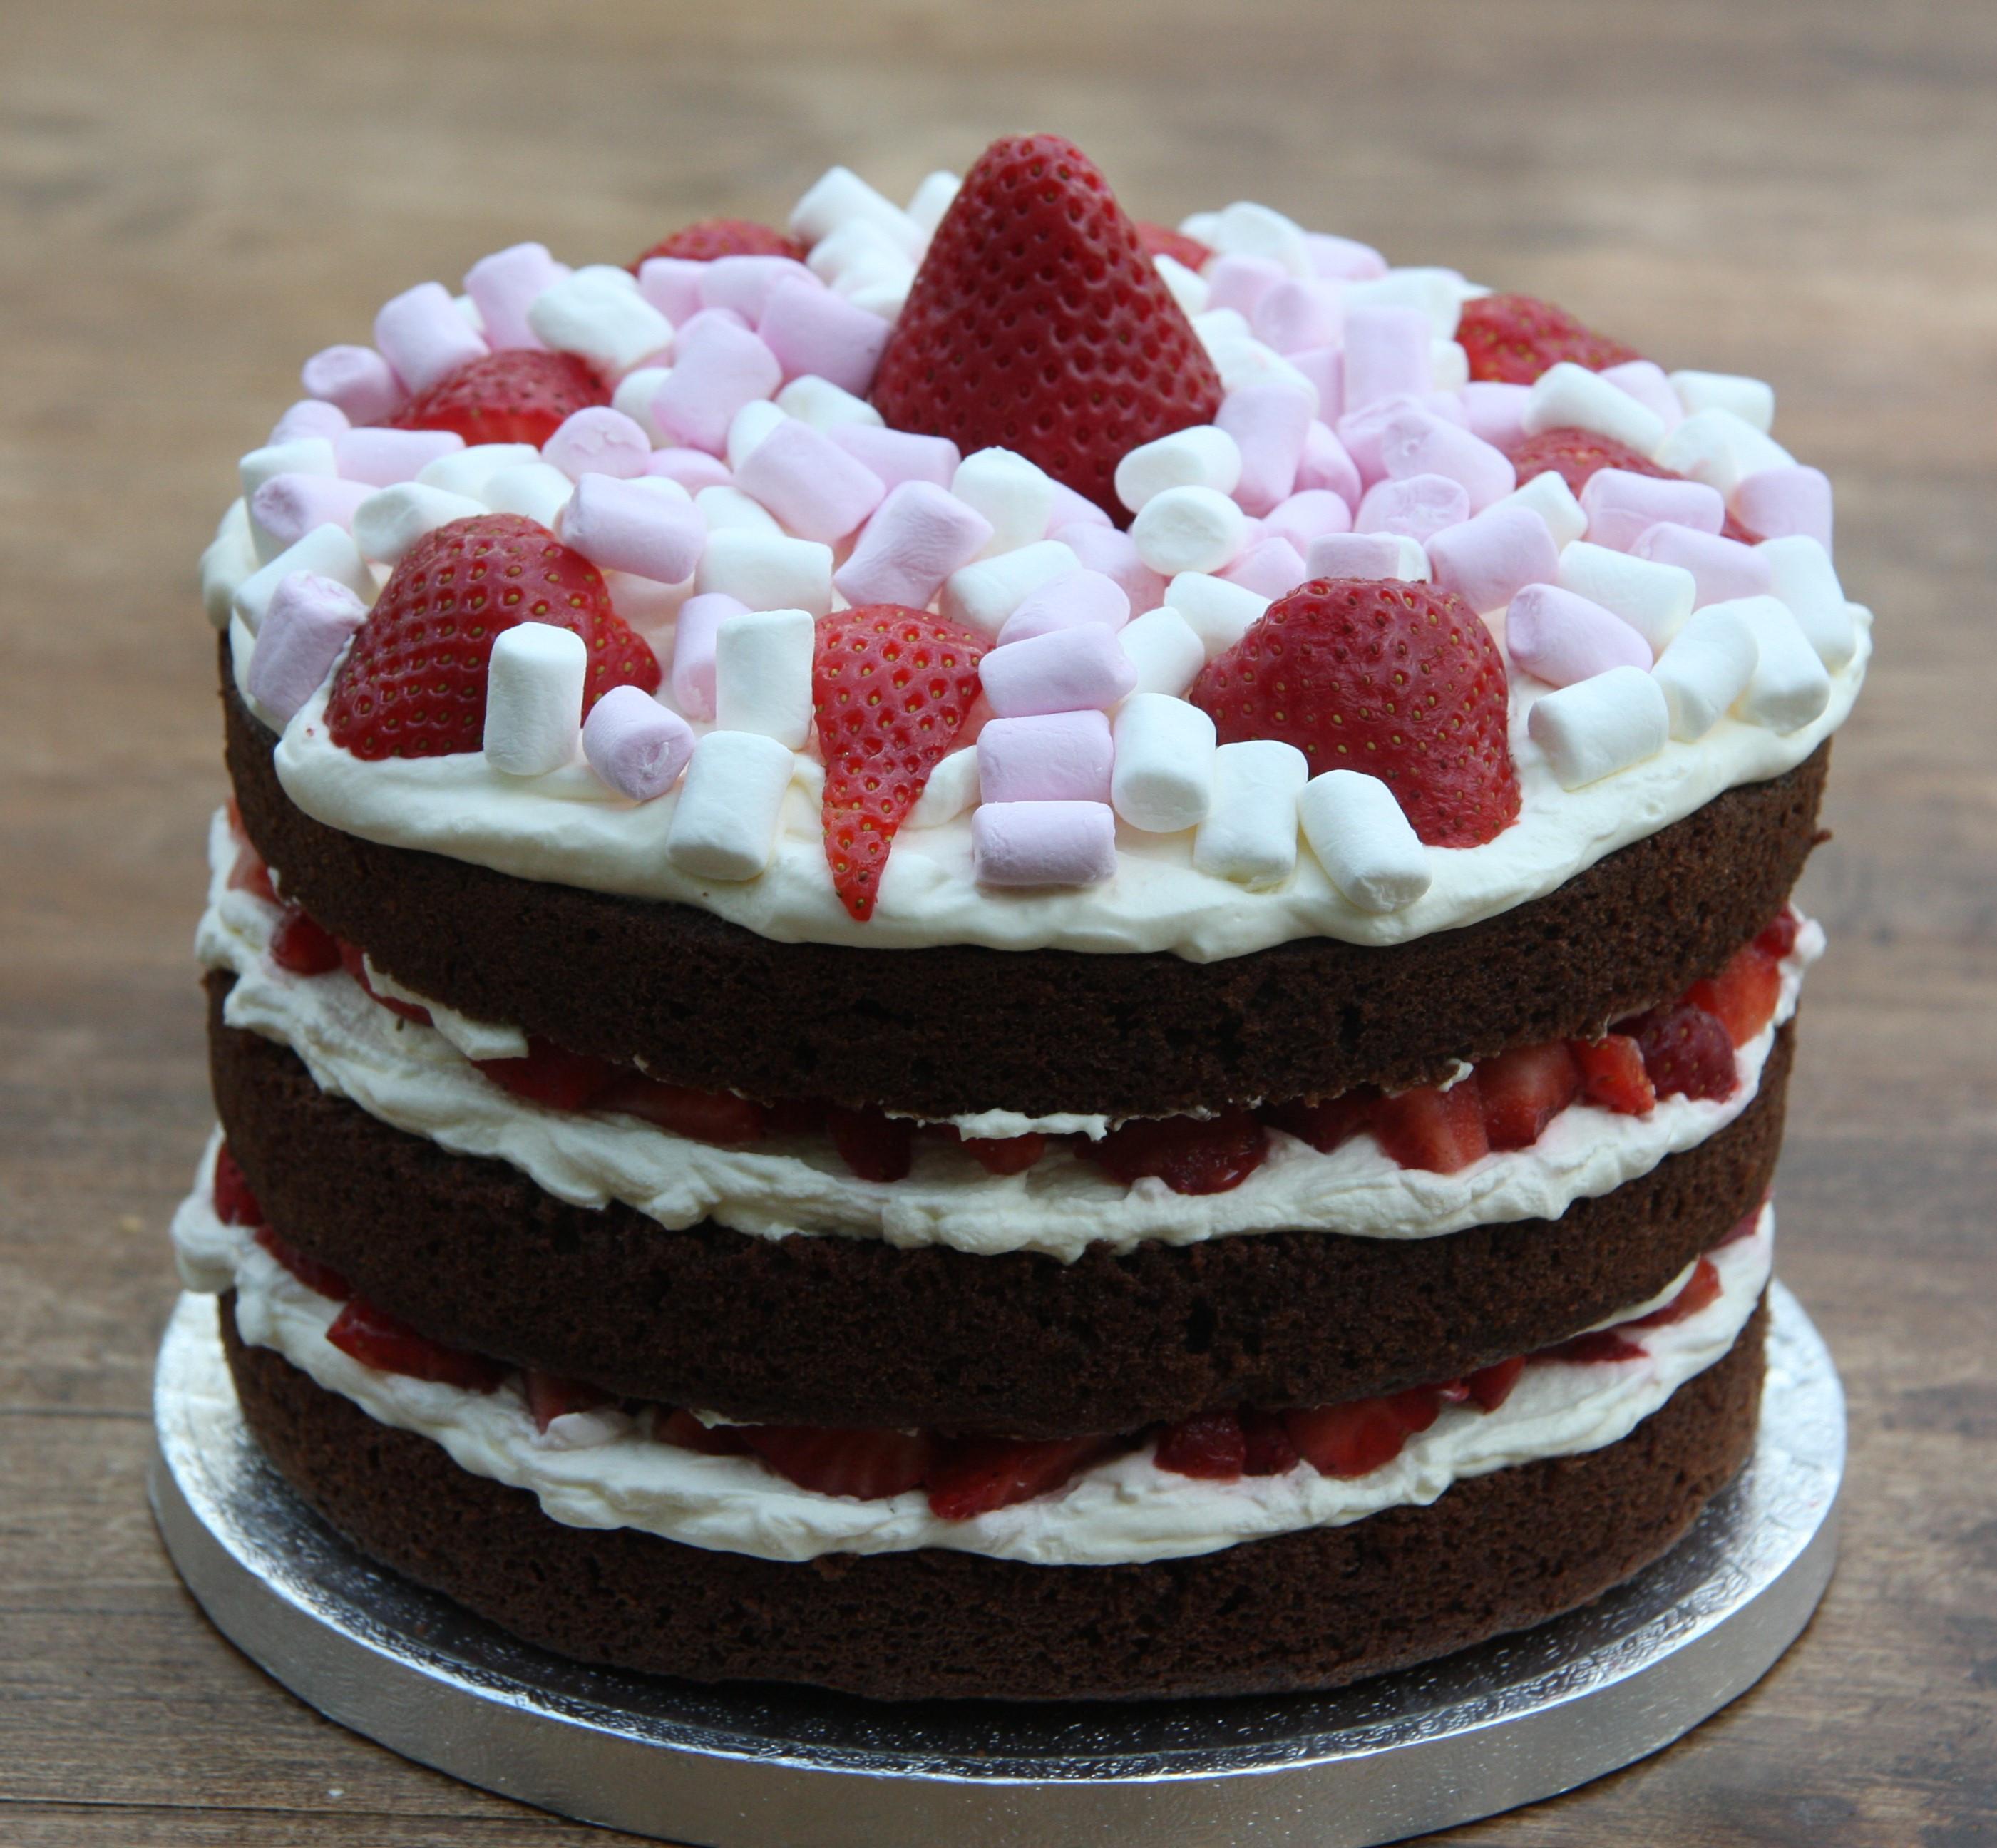 Strawberry Birthday Cake  Chocolate Birthday Cake with Strawberries and Cream and